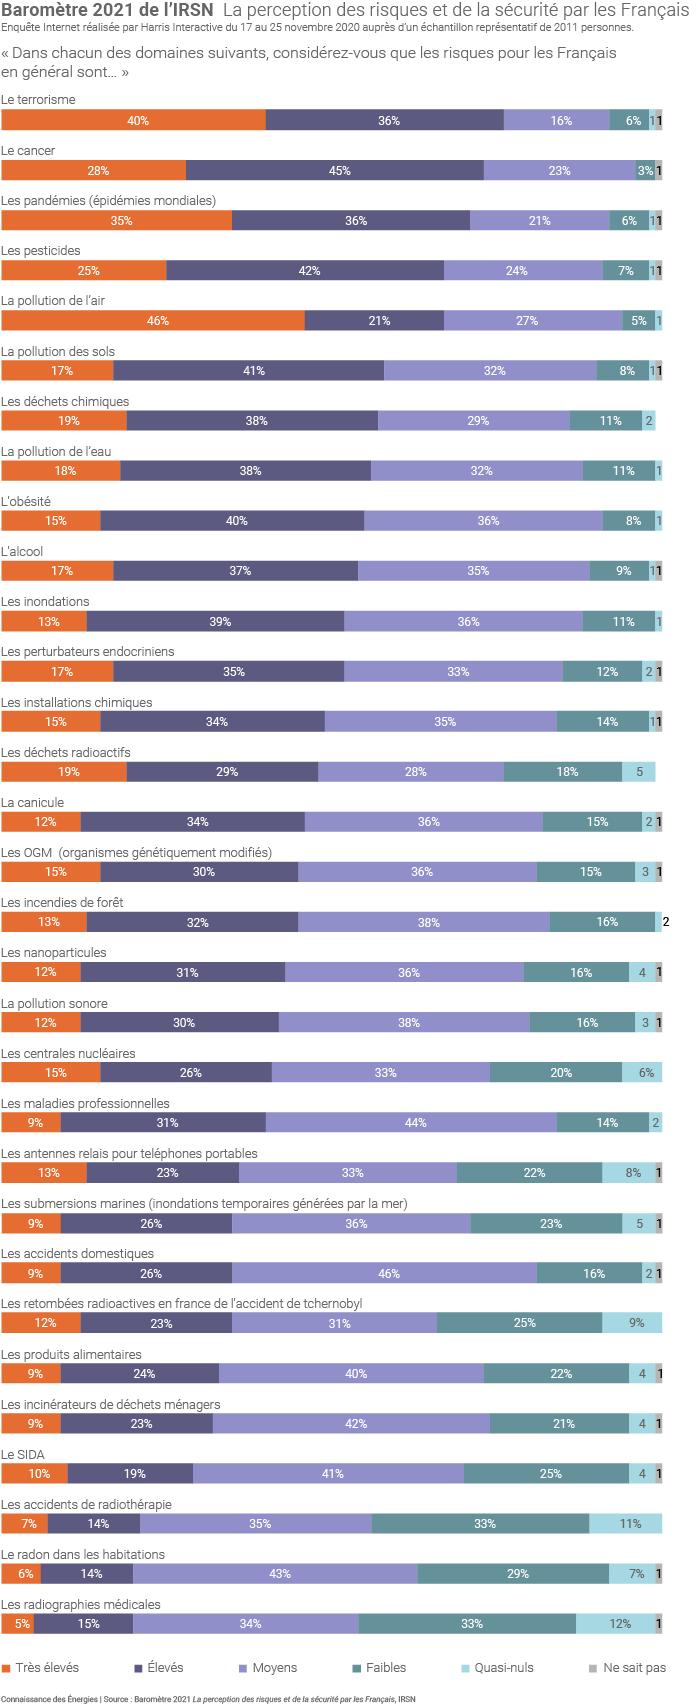 Baromètre 2021 de l'IRSN